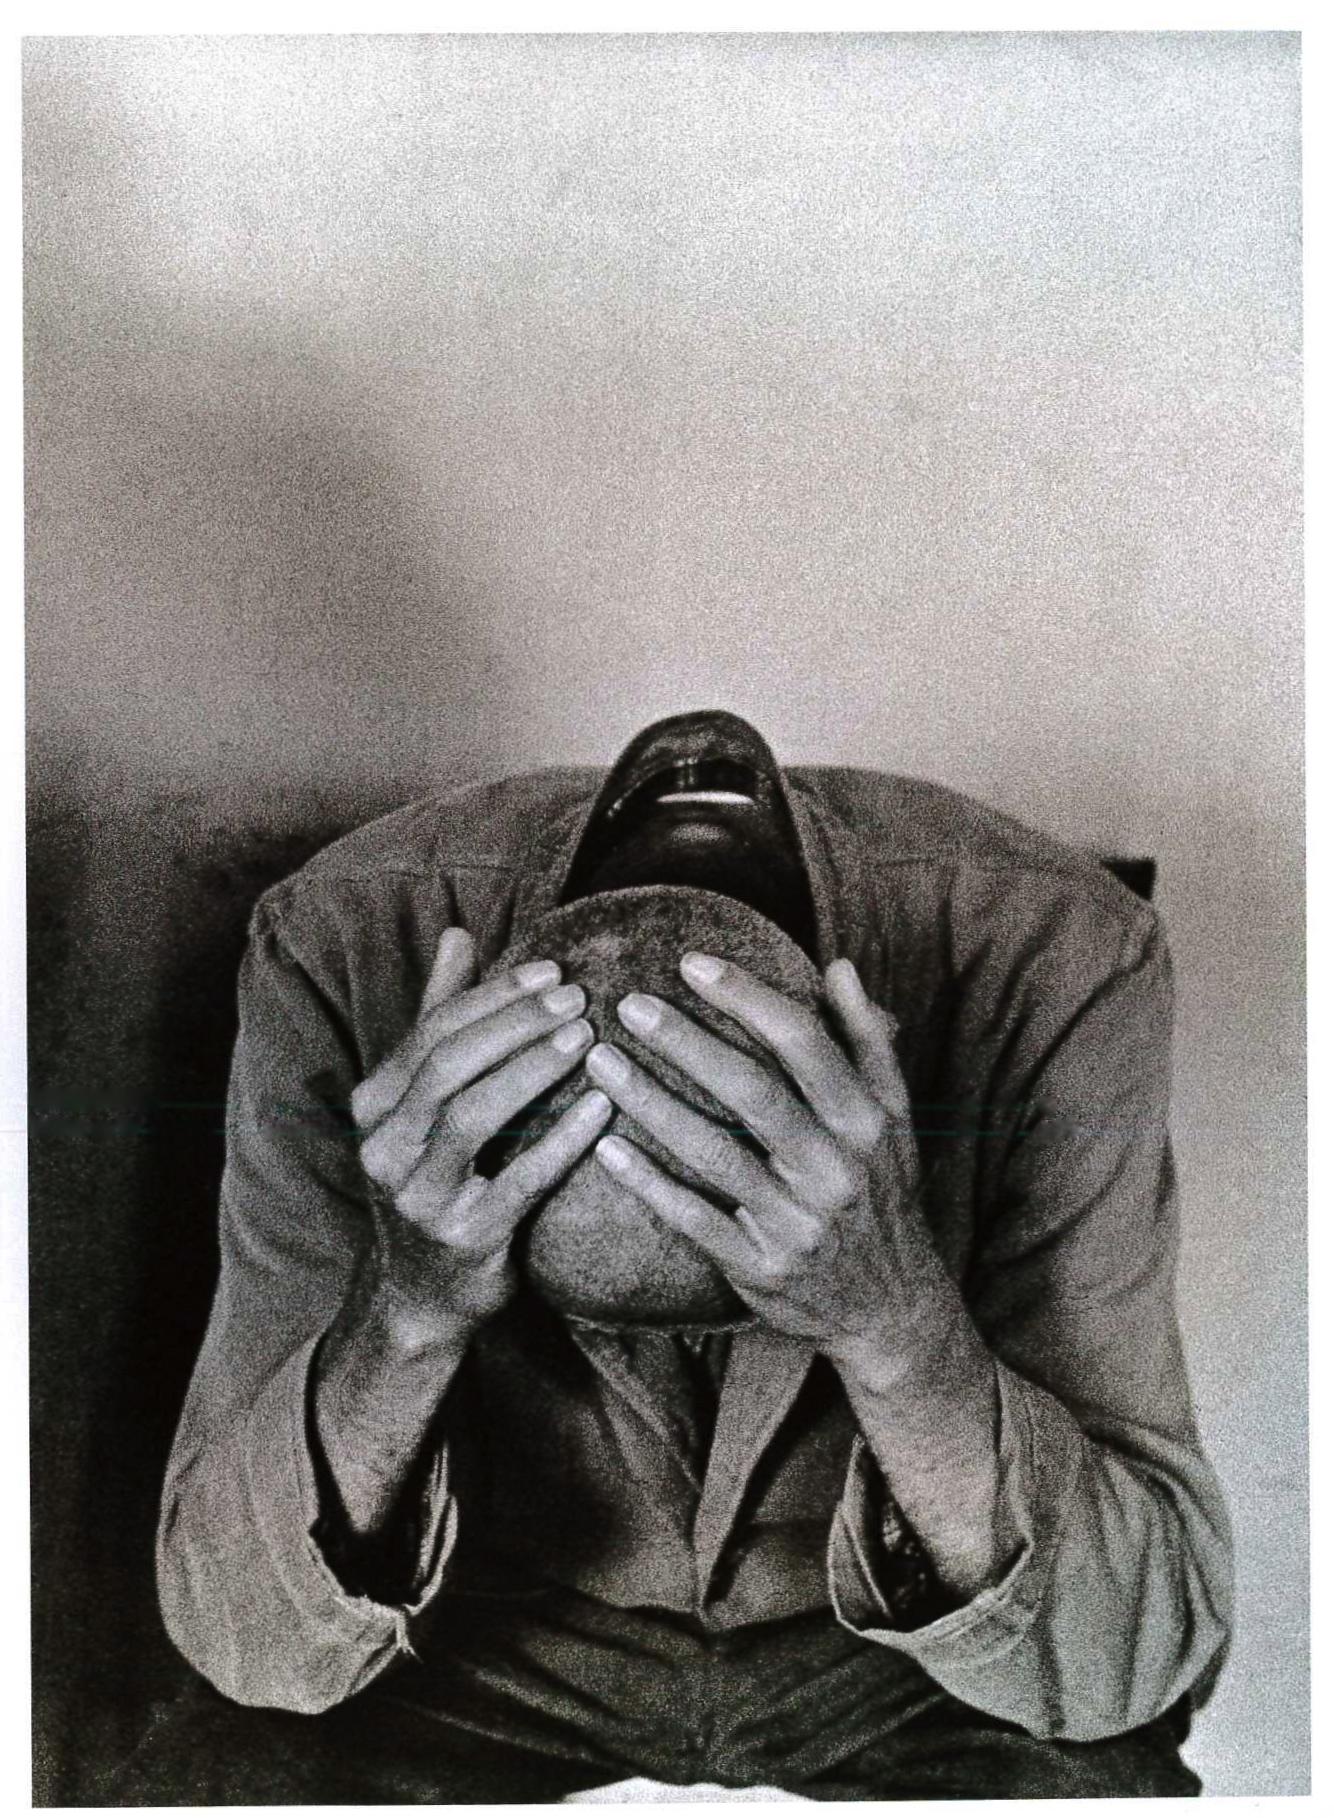 Ospedale psichiatrico. Parma, 1968.